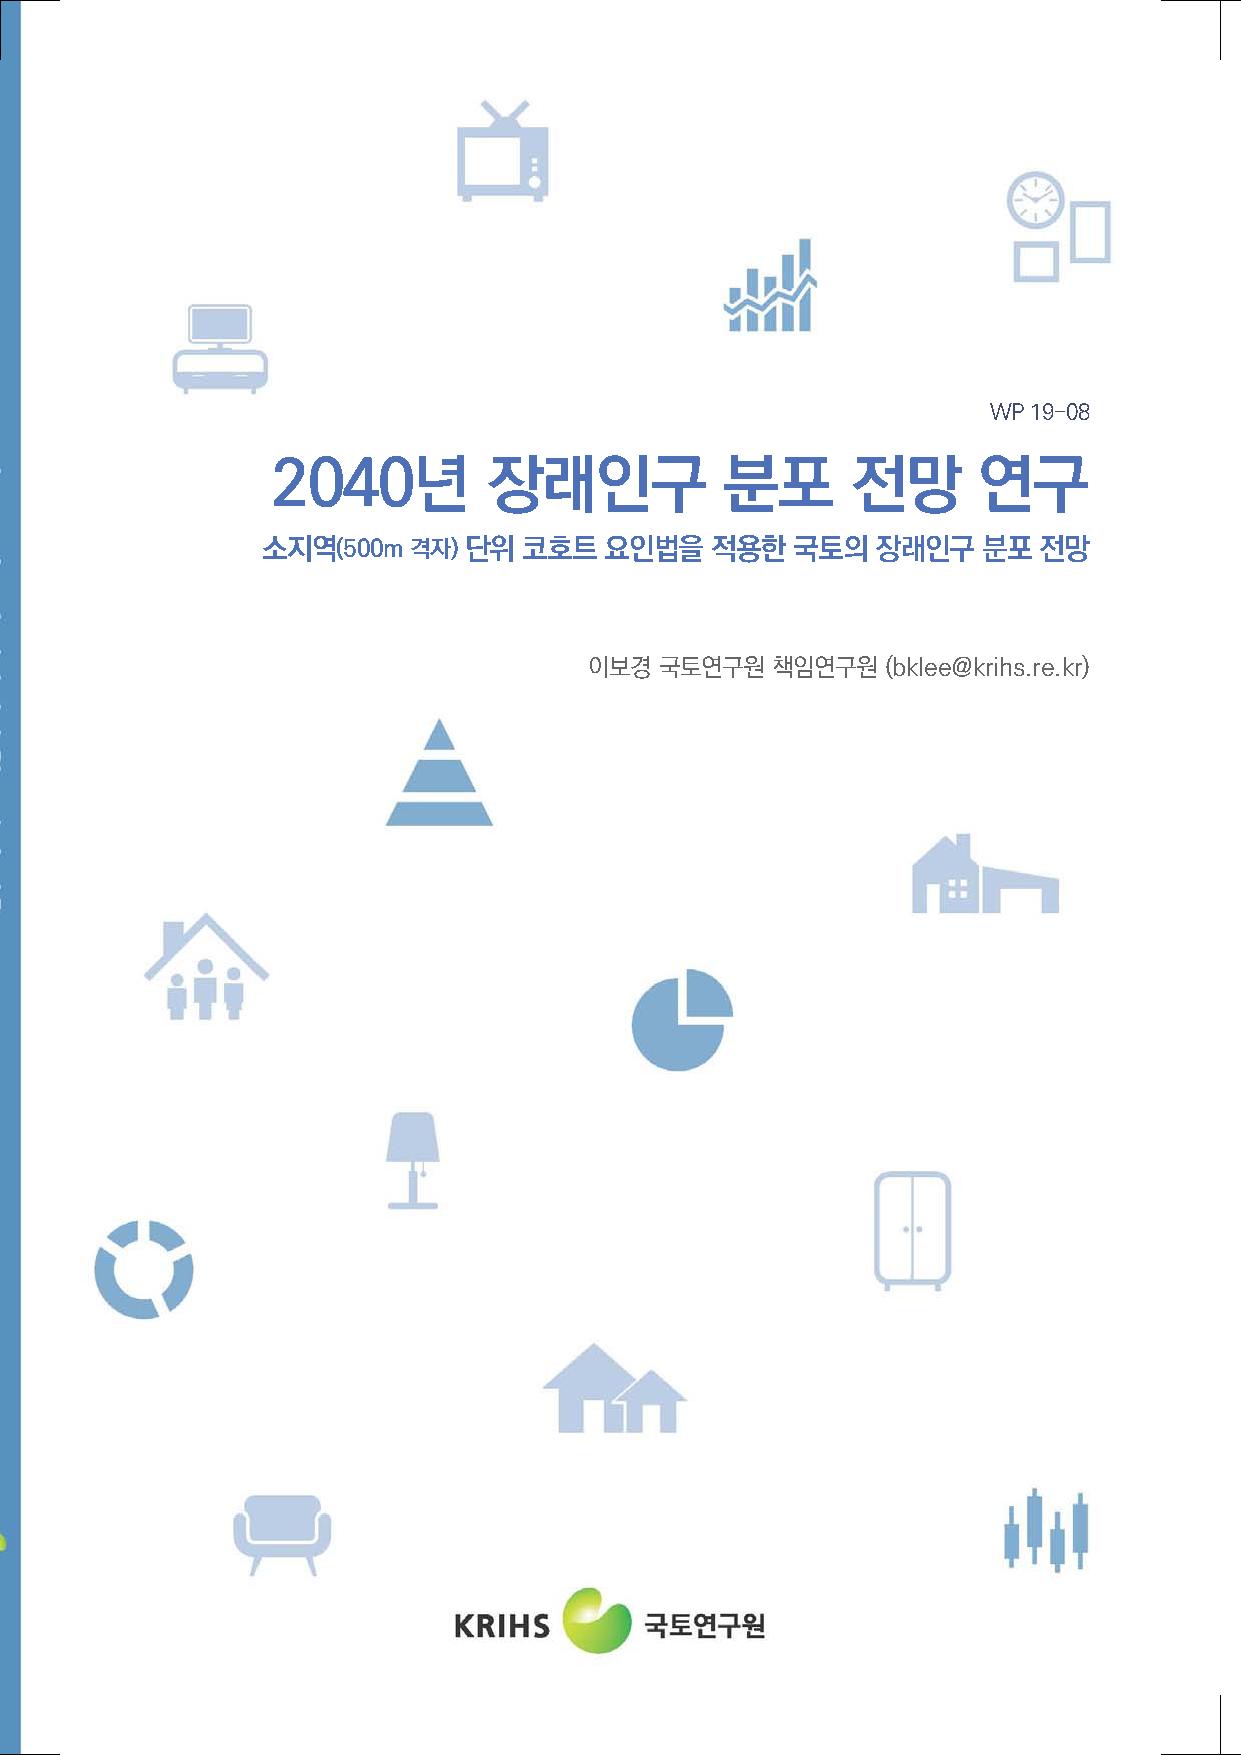 2040년 장래인구 분포 전망 연구: 소지역(500m 격자) 단위 코호트 요인법을 적용한 국토의 장래인구 분포 전망표지